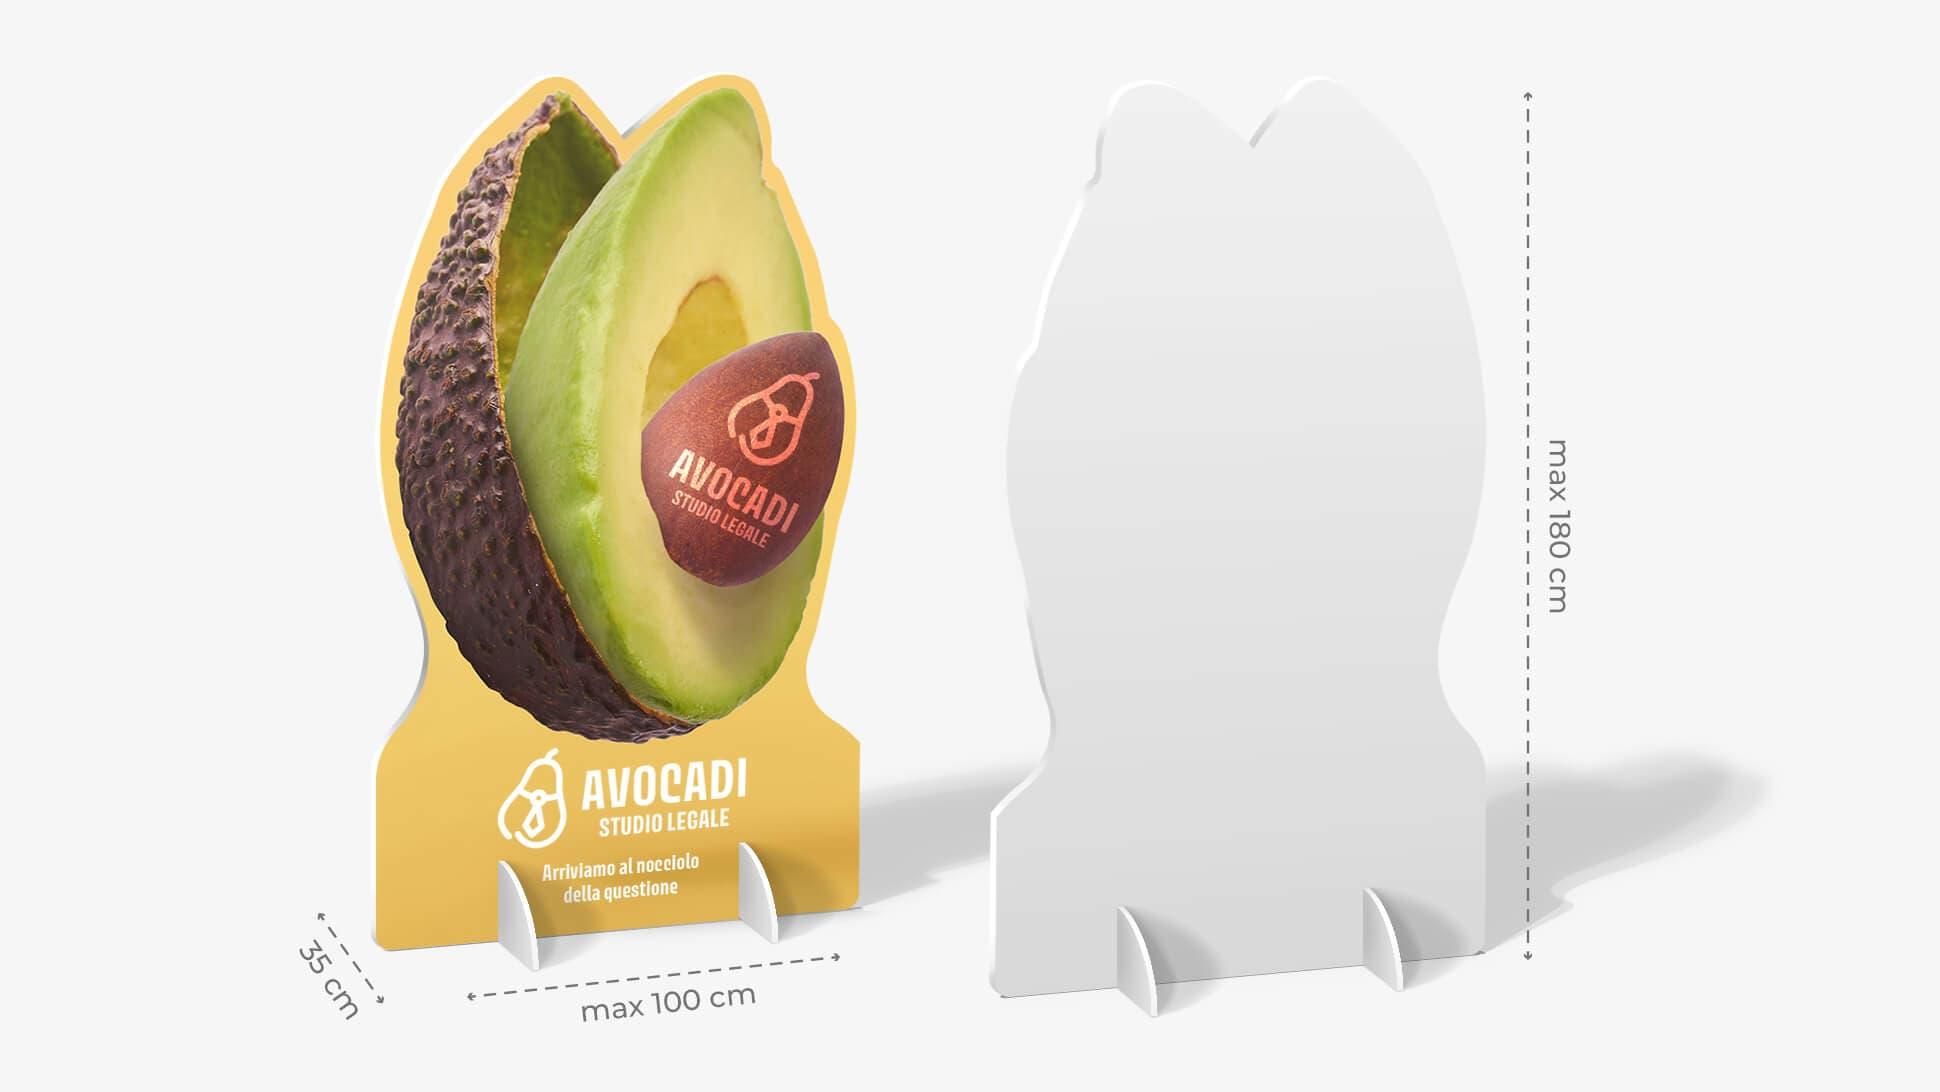 Pannello sagomato con avocado  | tictac.it